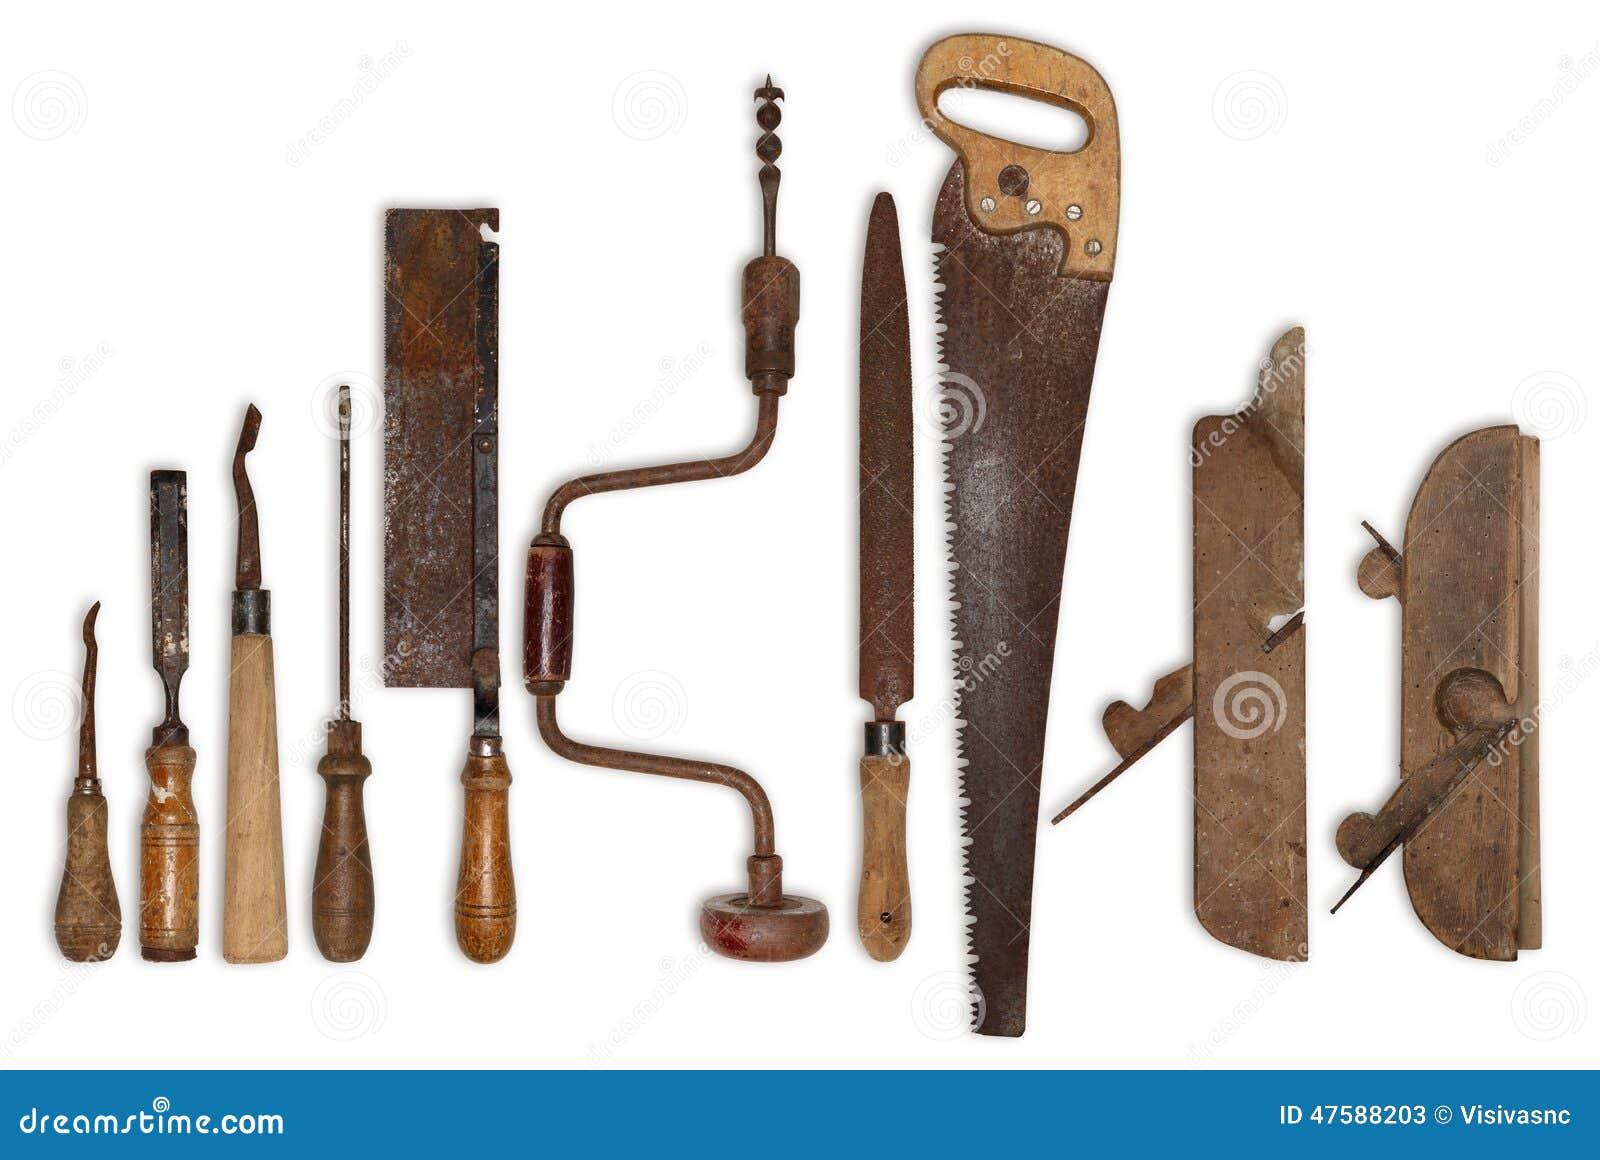 Composition de vieux outils pour le bois photo stock image 47588203 - Outil pour couper le bois ...